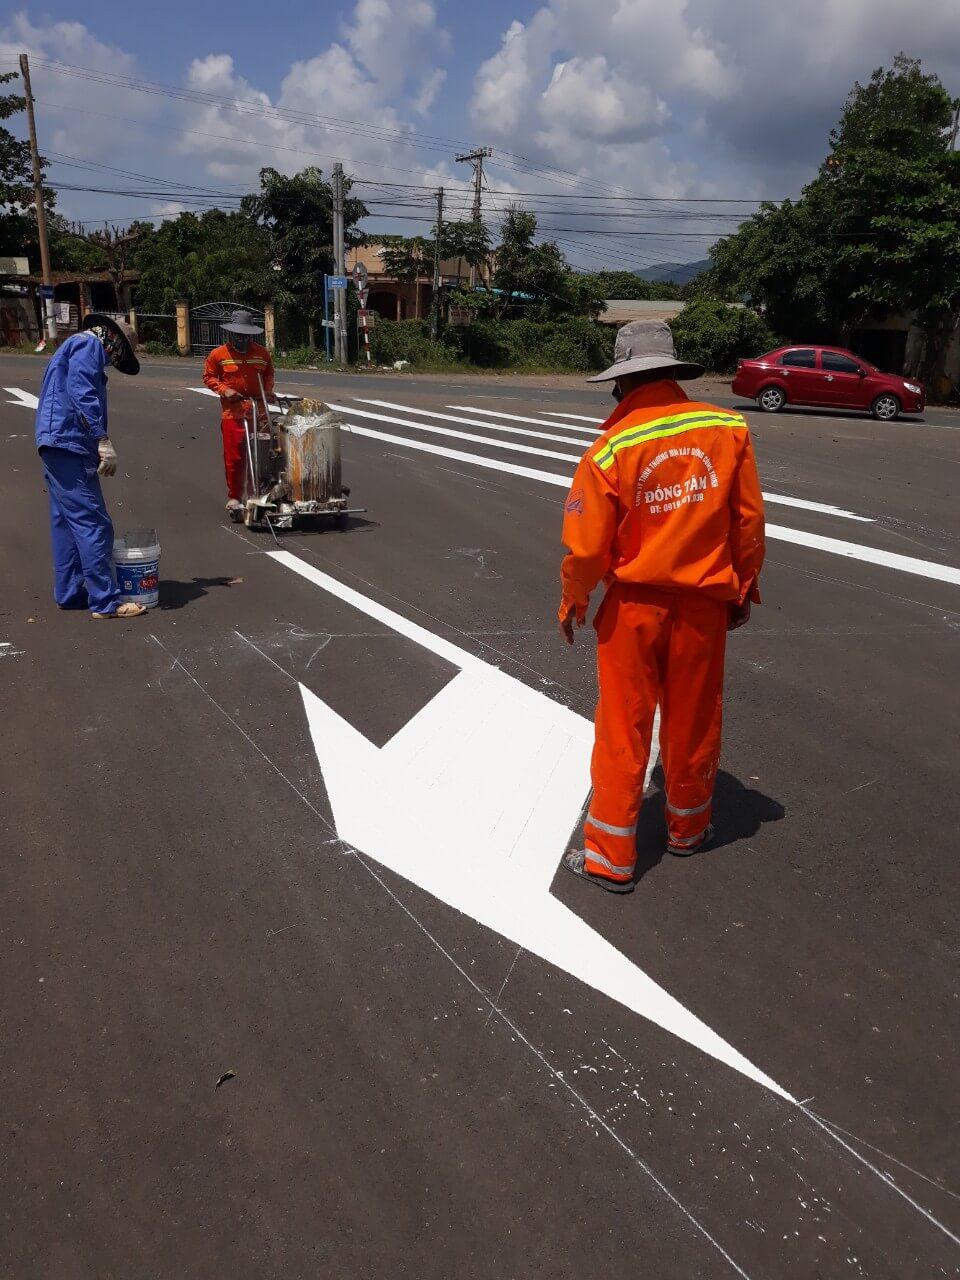 Hướng dẫn quy trình thi công kẻ đường bằng sơn dẻo nhiệt